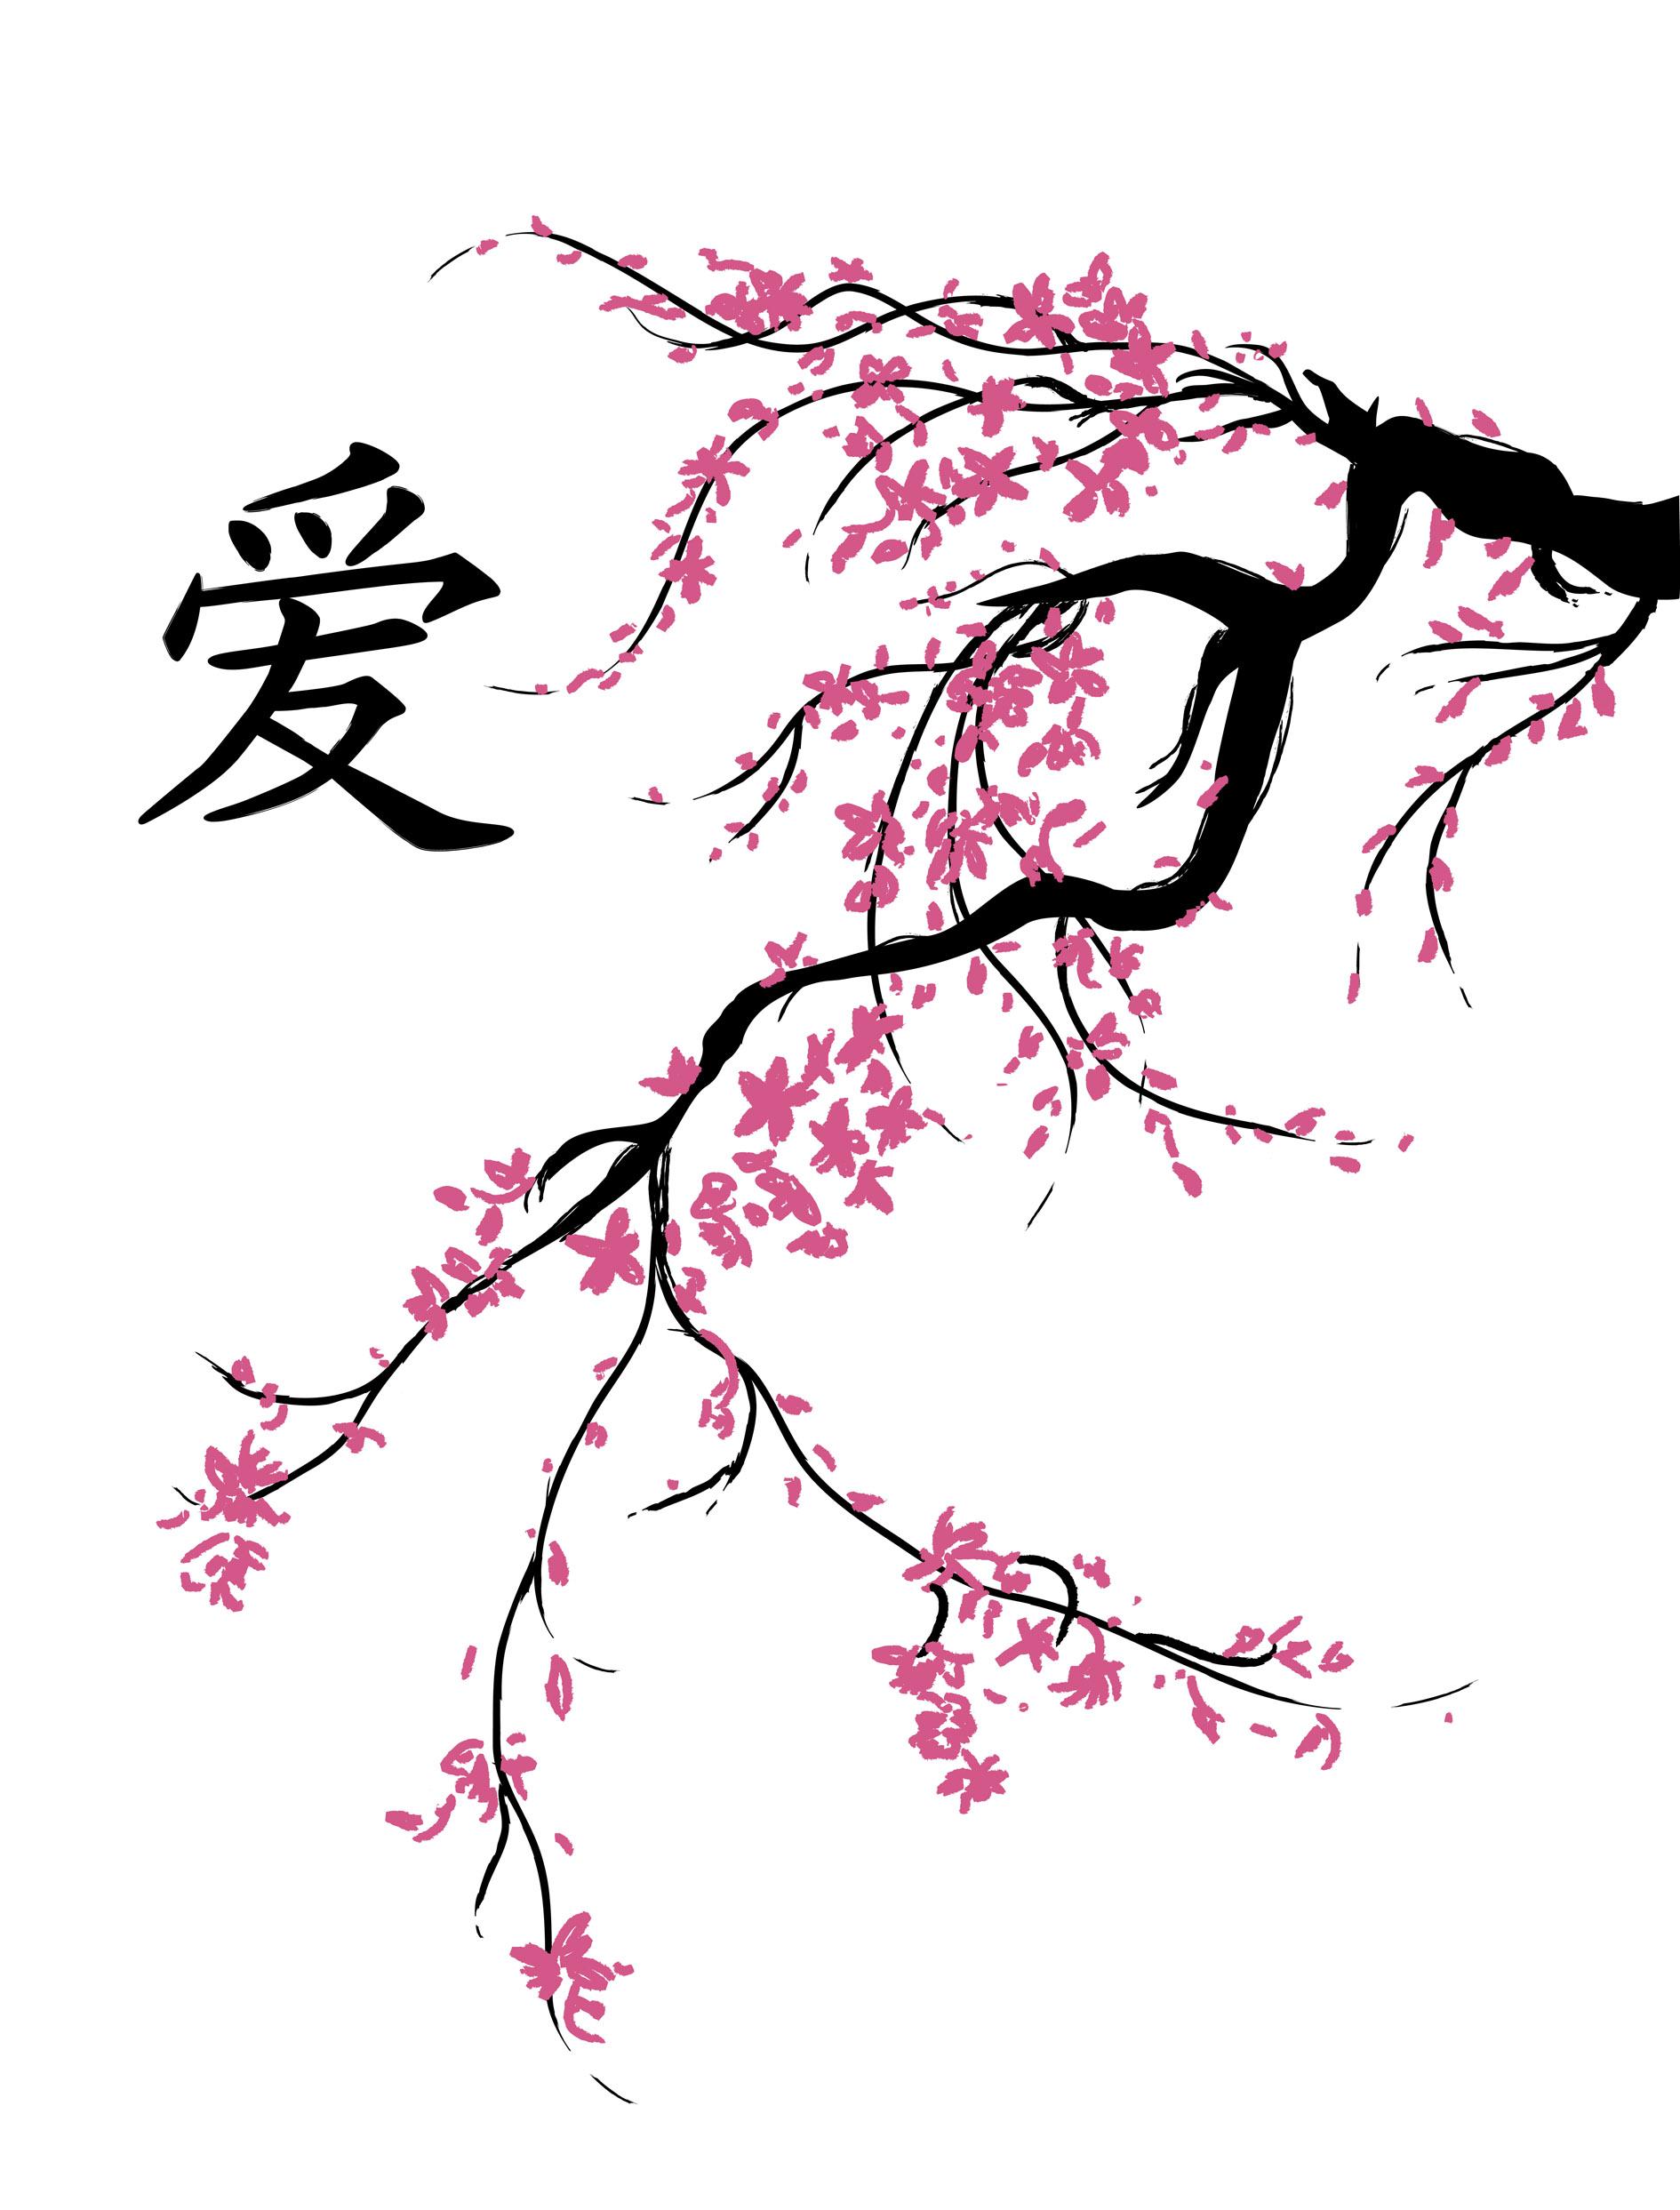 1890x2486 Une Estampe De Cerisier Japonais Style Inspiration